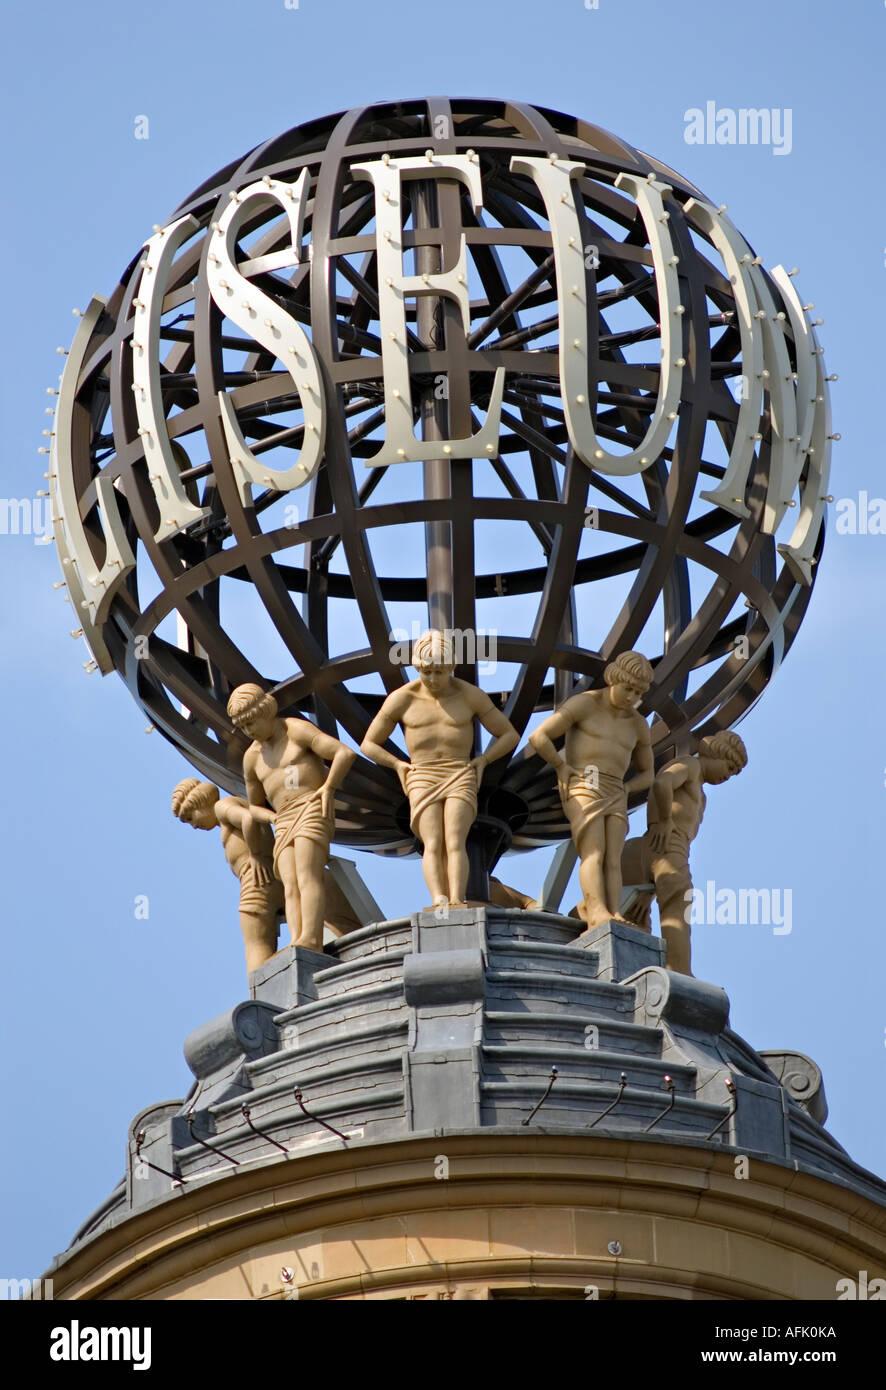 Detail Der Skulpturen Auf Dem Dach Turm Des Londoner Coliseum